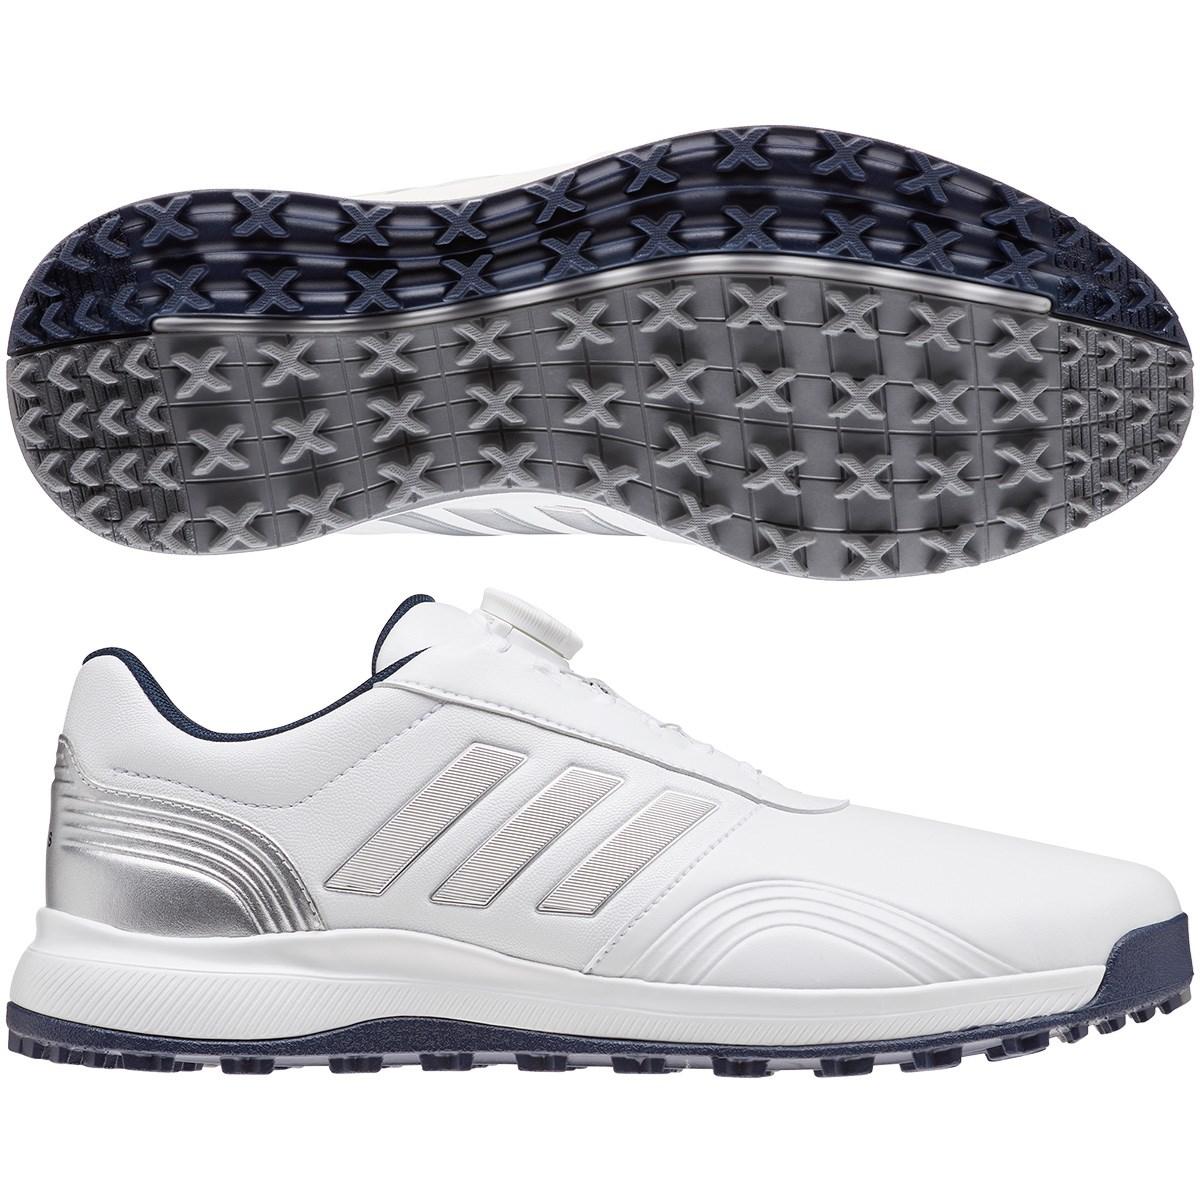 アディダス Adidas CP トラクション SLBOA シューズ 26.5cm ホワイト/シルバーメタリック/カレジエイトネイビー